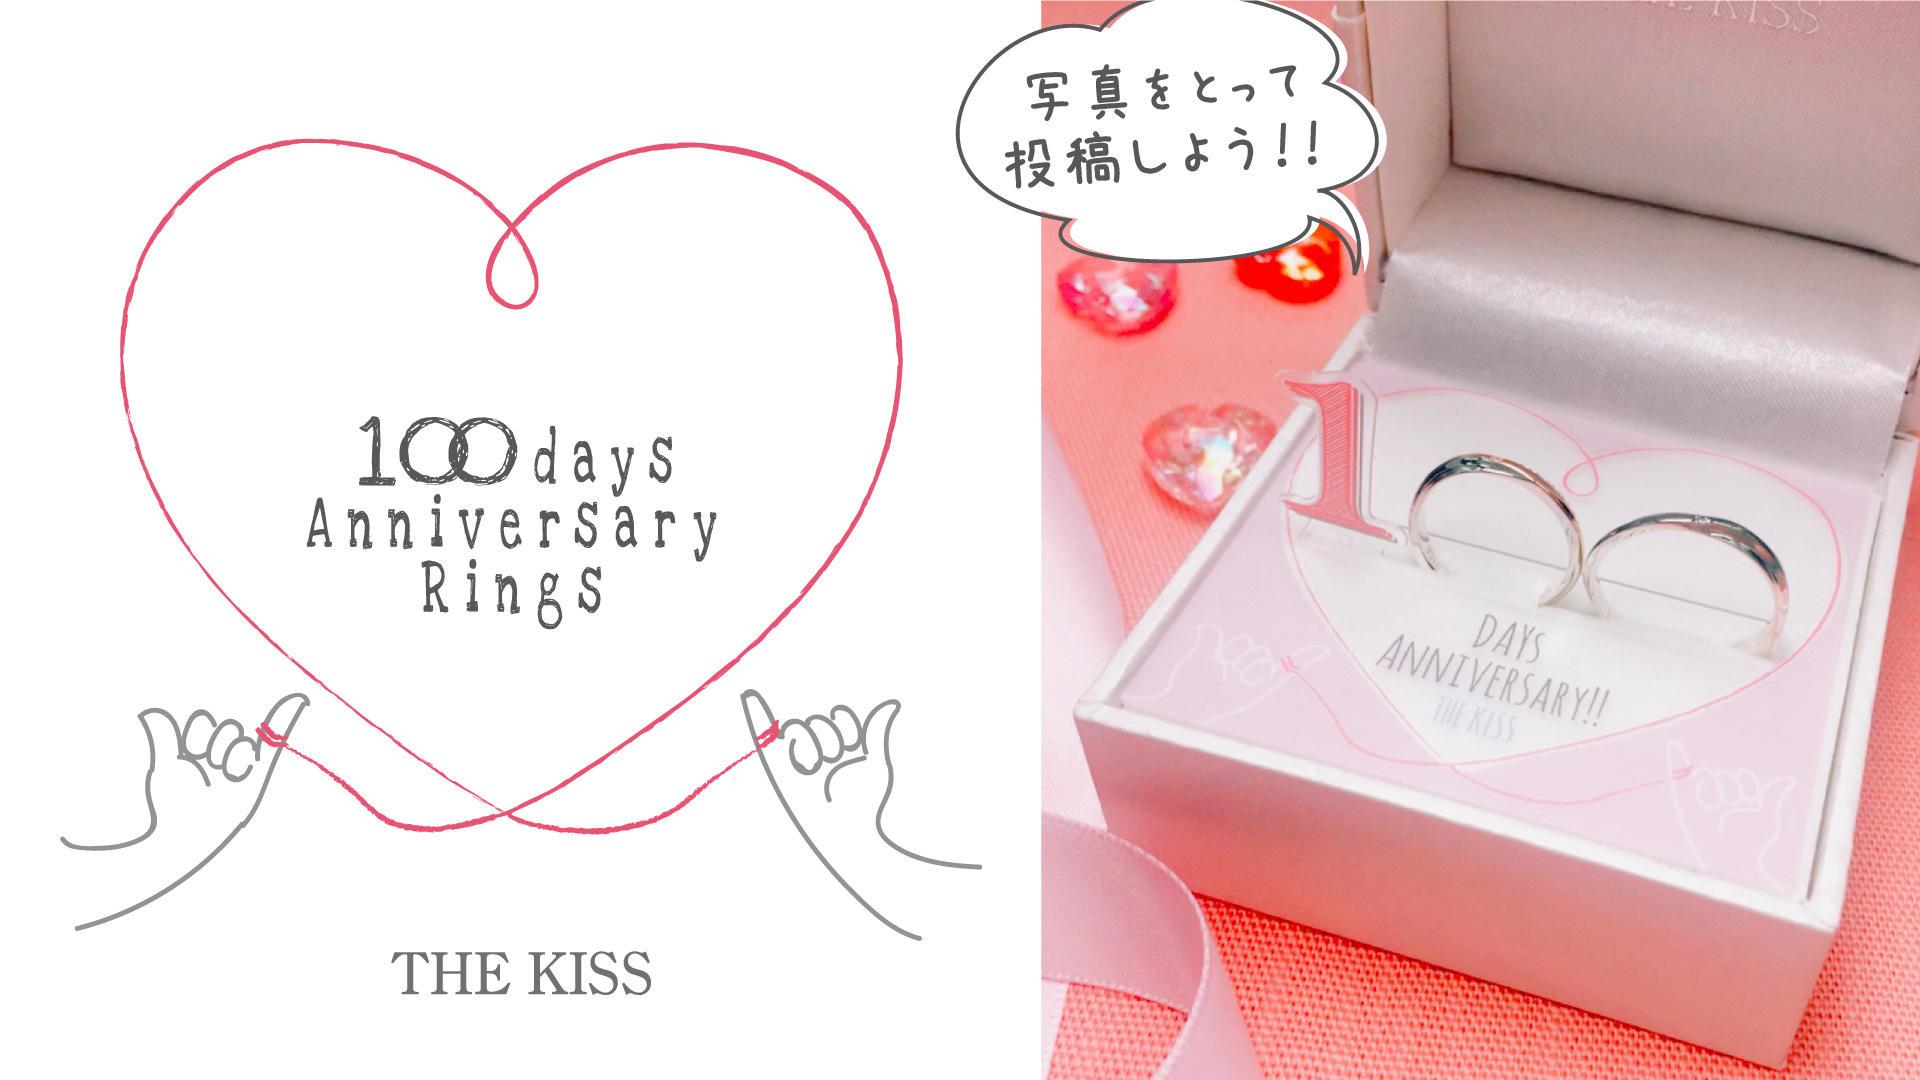 110_new_100days_1920_1680px_Y.jpg